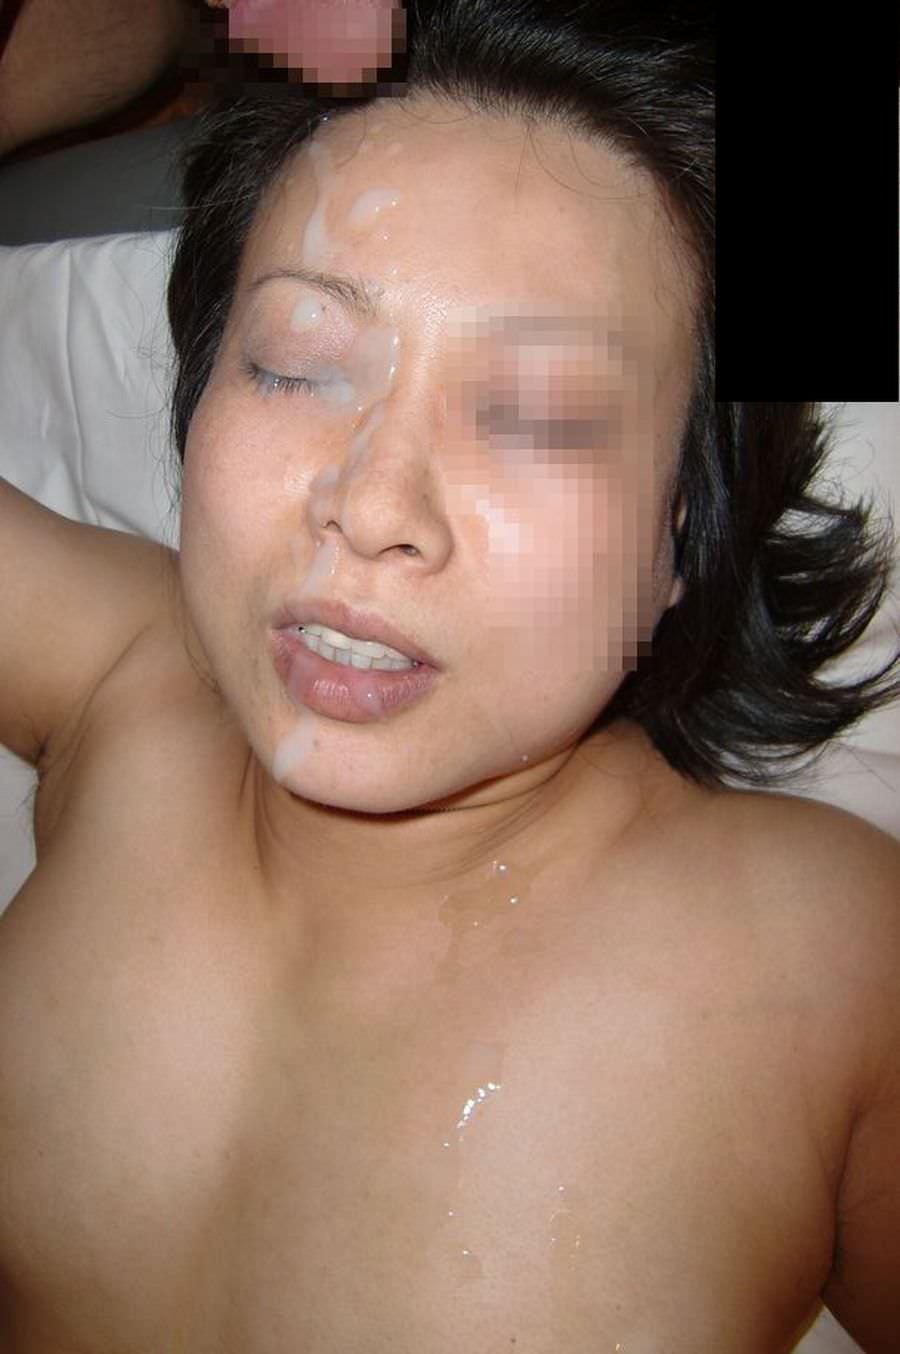 熟女に顔射www40・50代の性欲衰えない夫婦の個人撮影www 0521